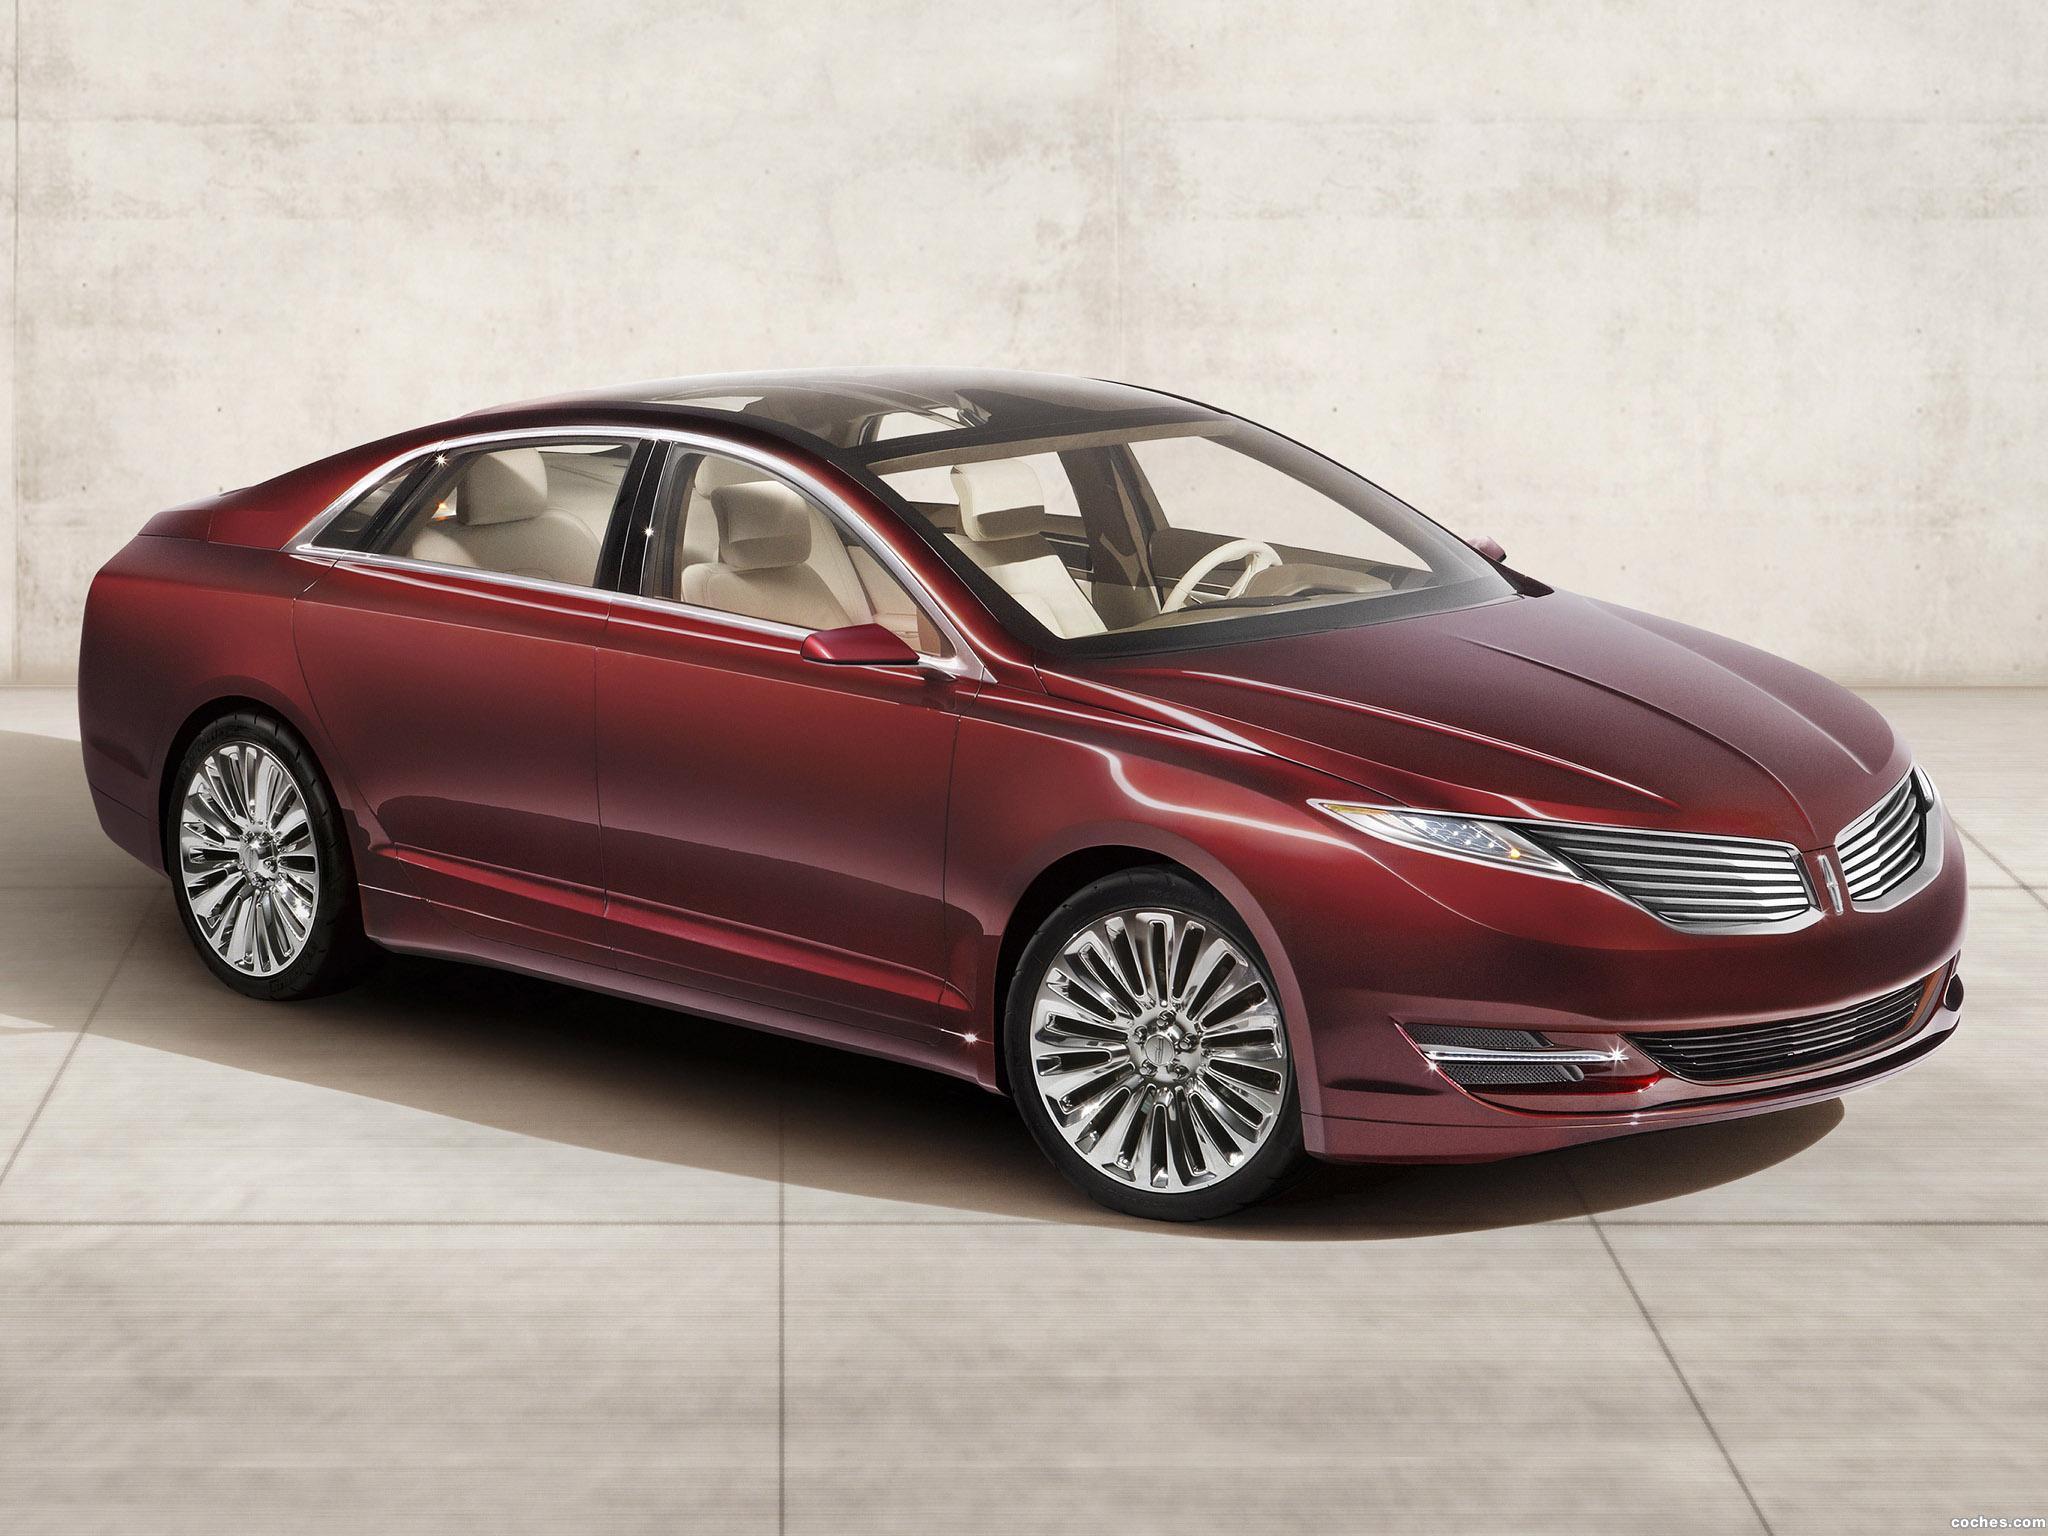 Foto 4 de Lincoln MKZ Concept 2012